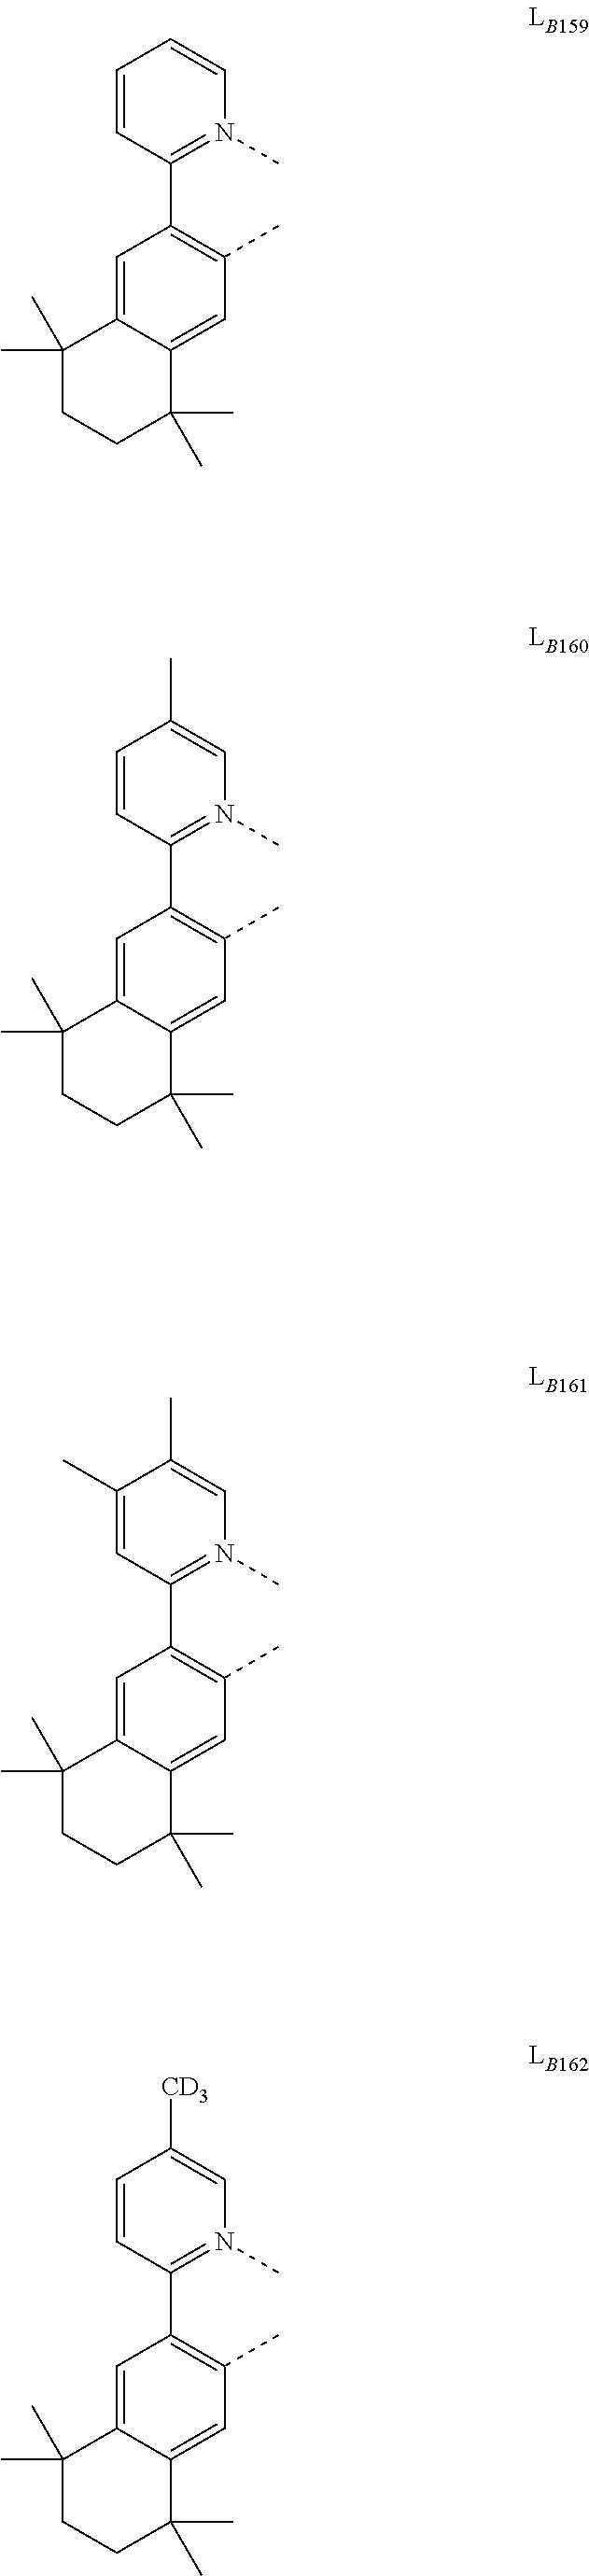 Figure US09929360-20180327-C00071